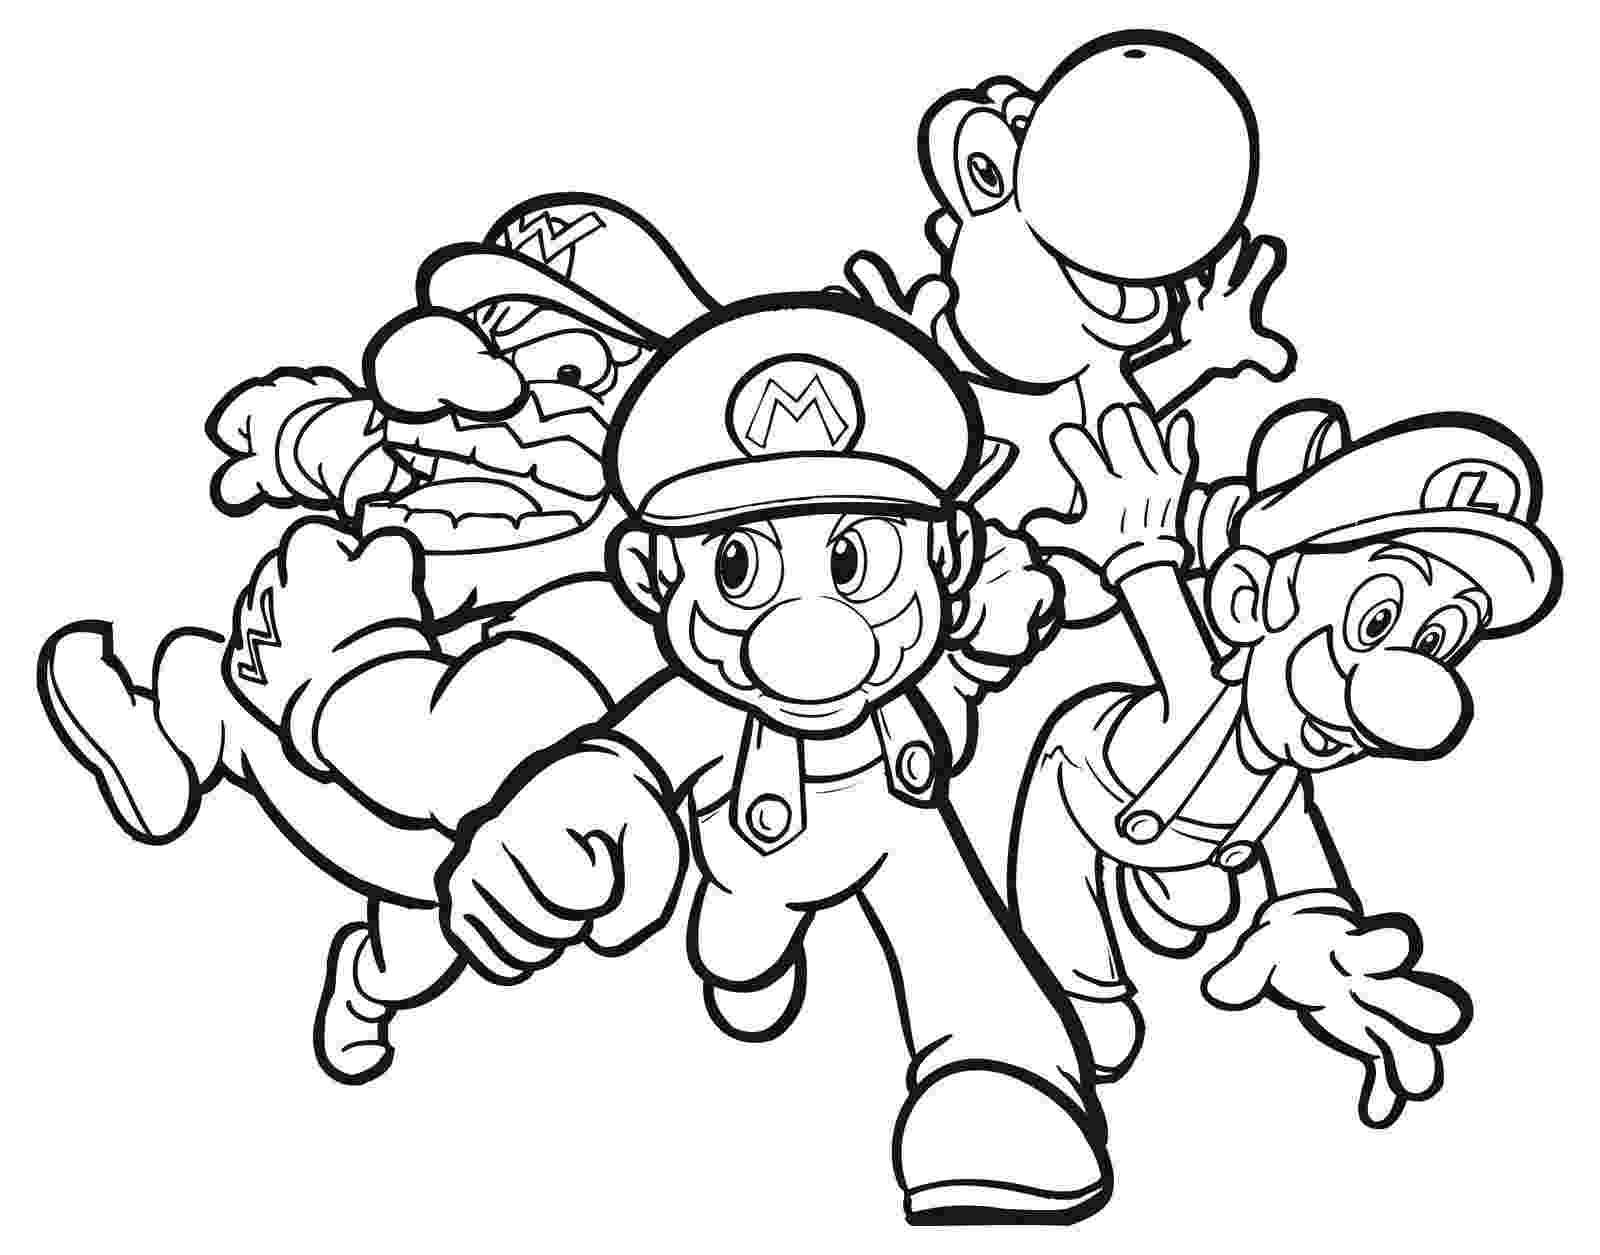 coloring online mario free printable mario brothers coloring pages for kids coloring mario online